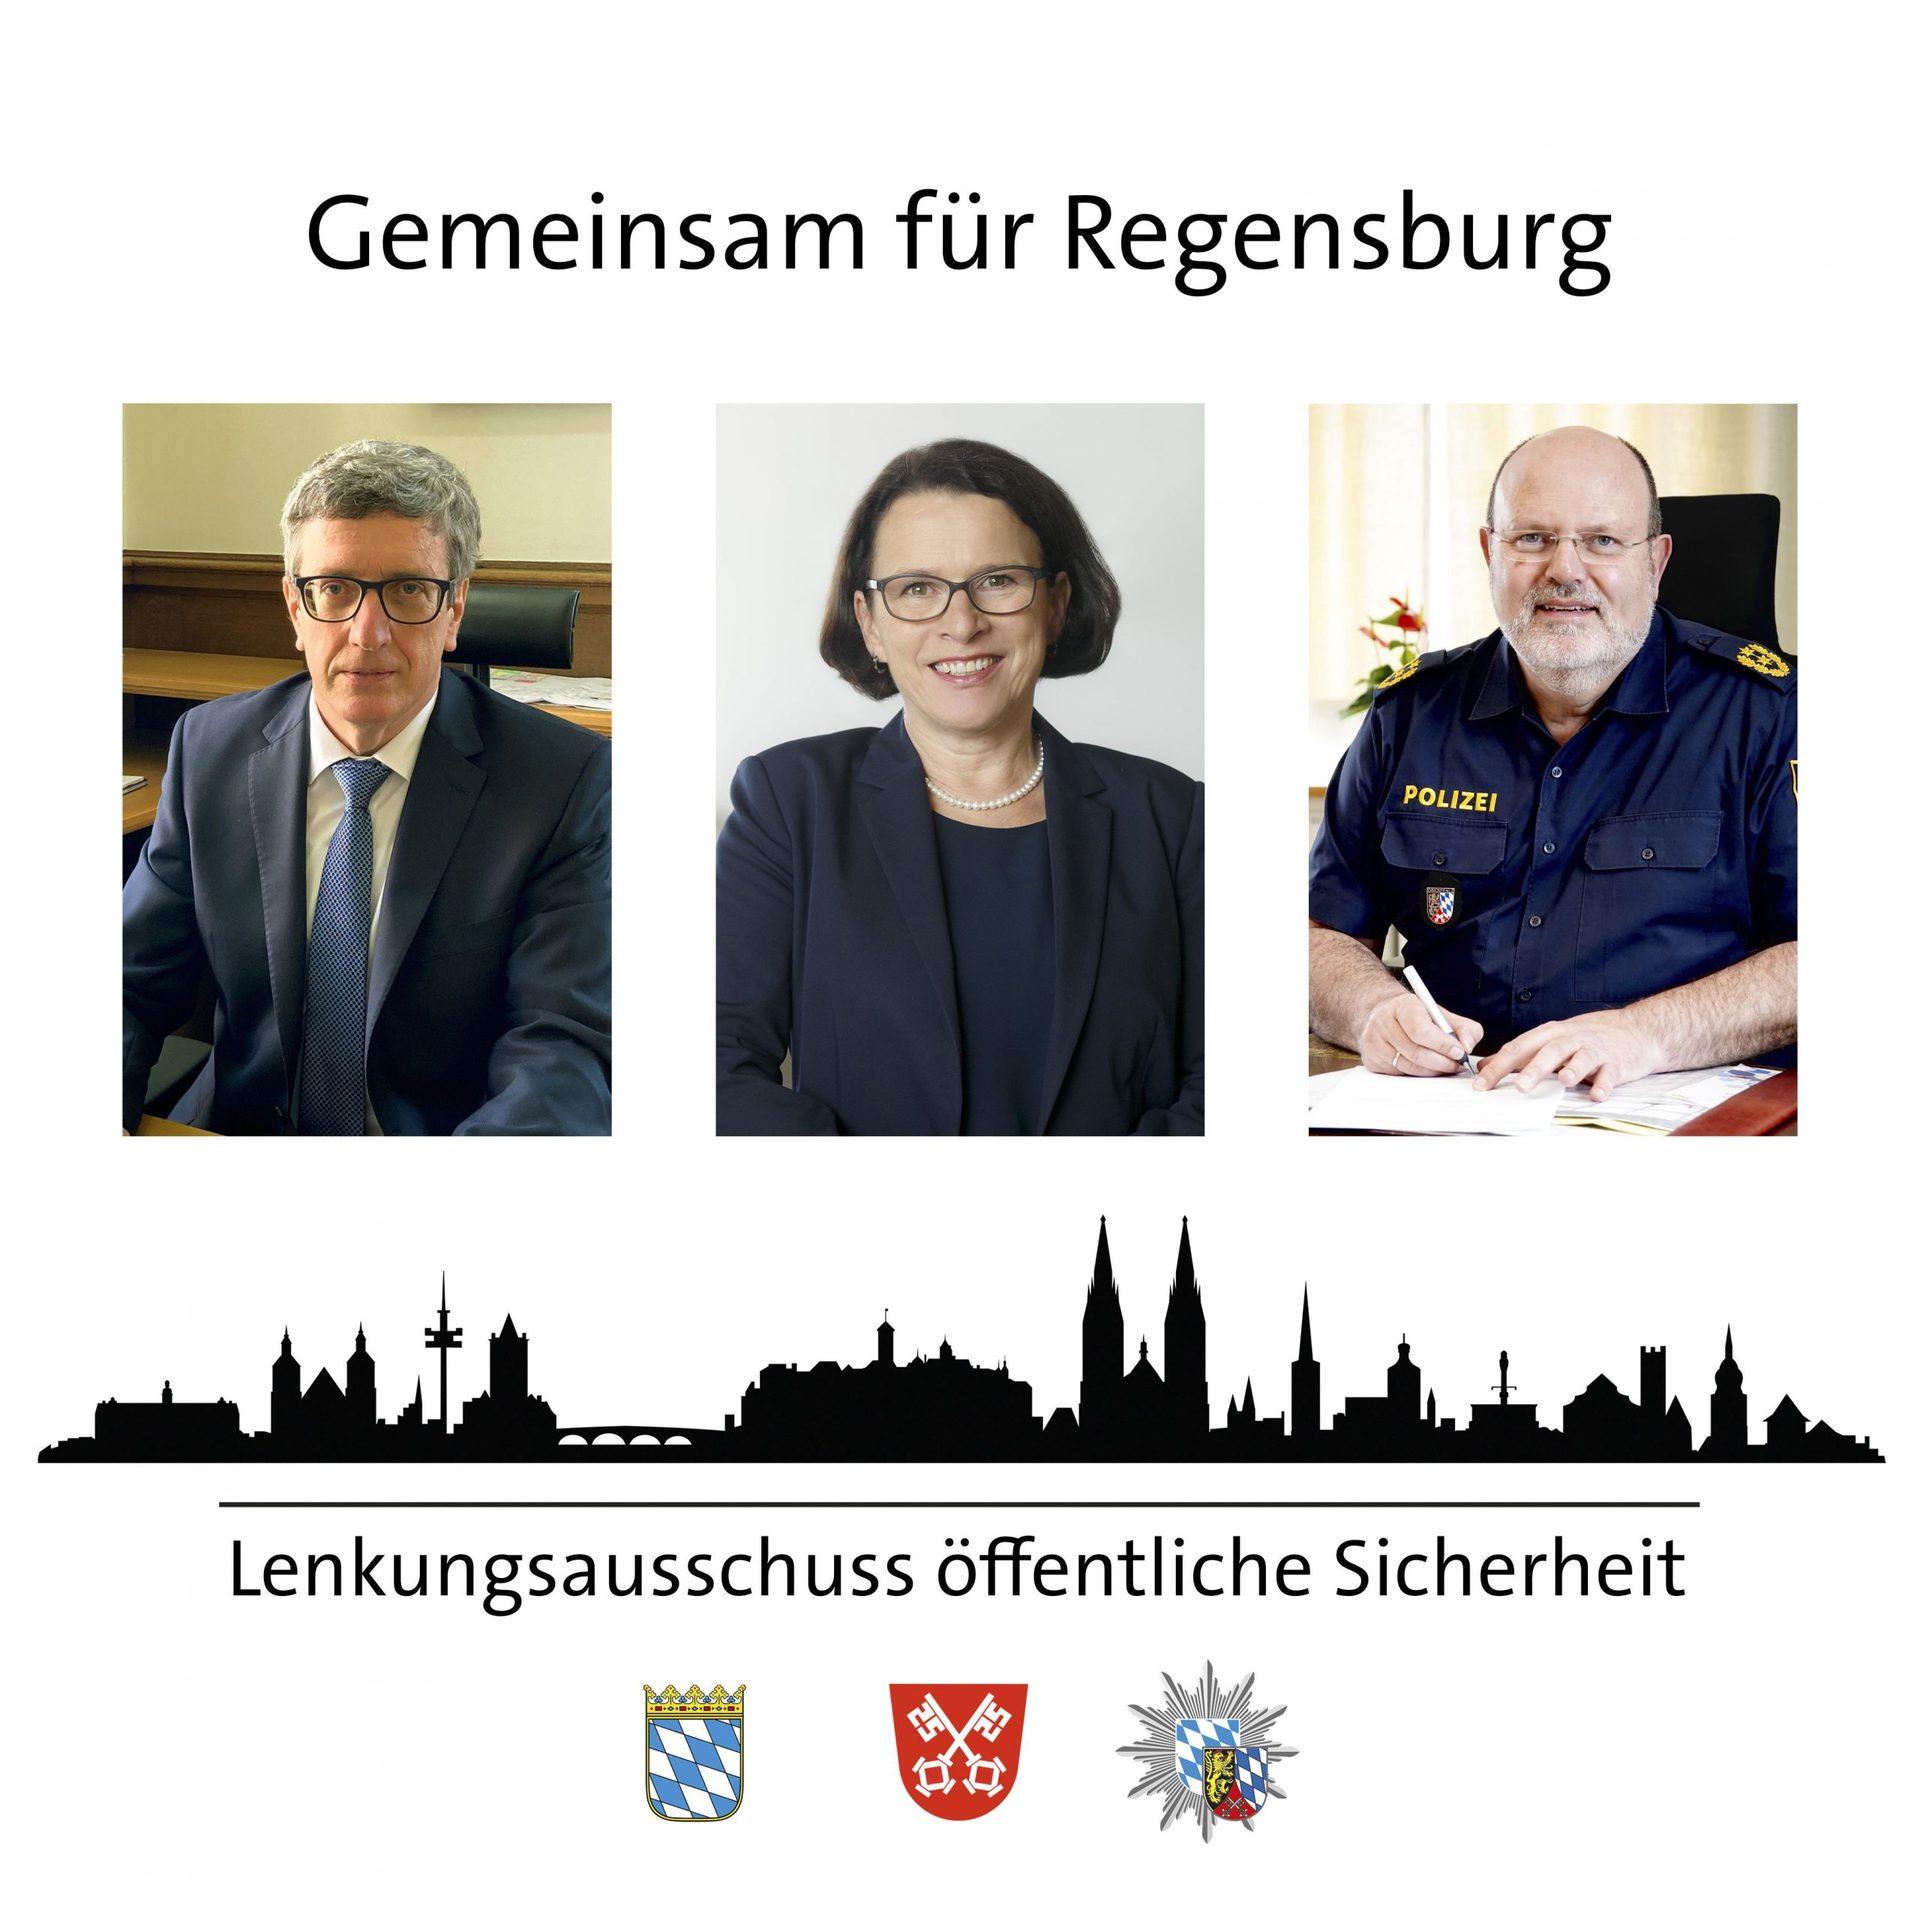 Lenkungsausschuss öffentliche Sicherheit gegründet Stadt Regensburg, Polizeipräsidium Oberpfalz und Staatsanwaltschaft Regensburg als ständige Mitglieder